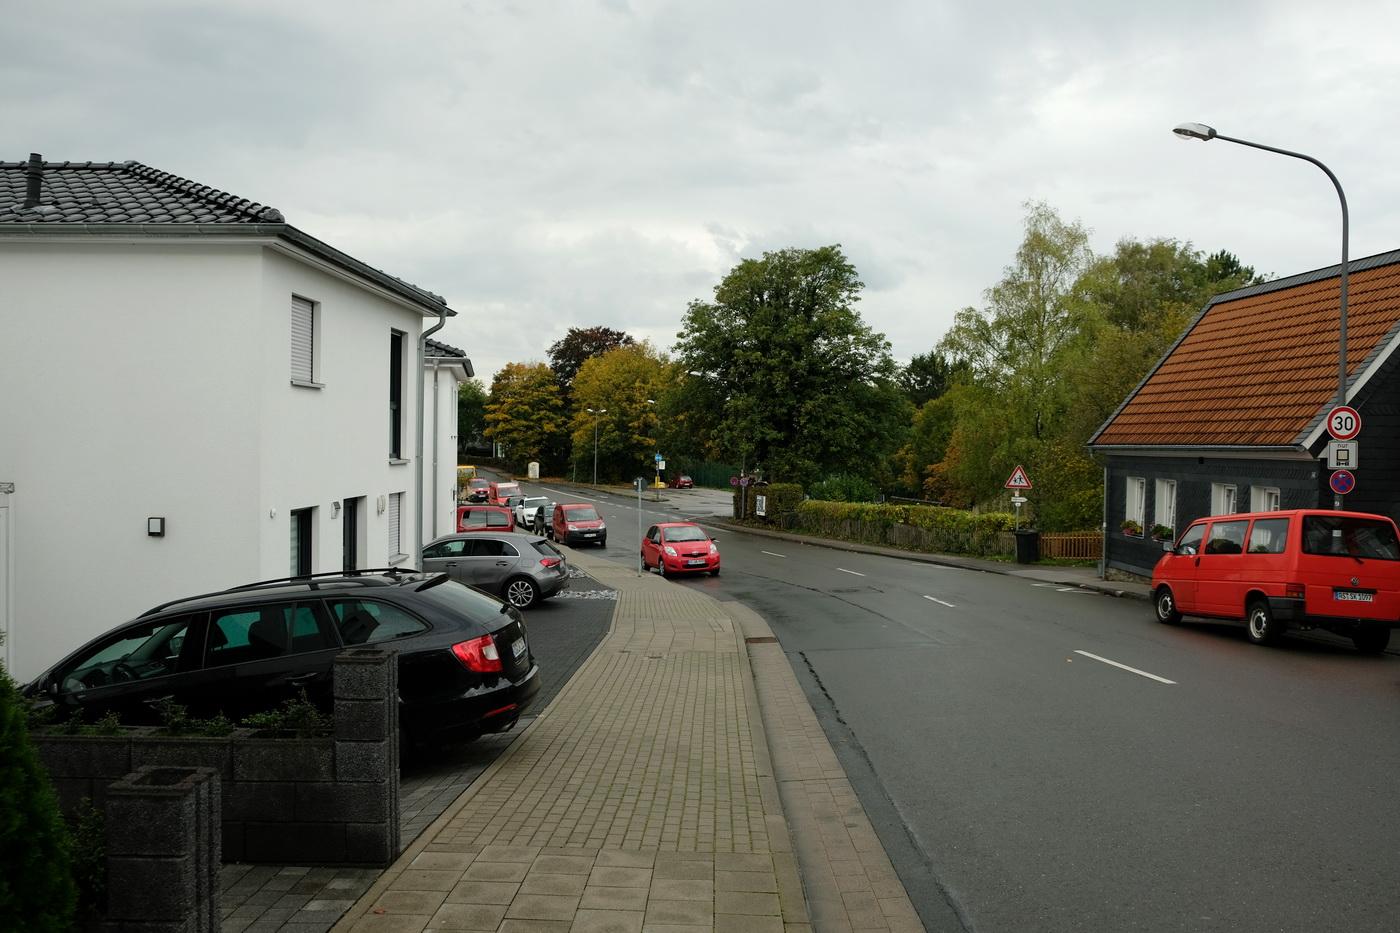 Weniger Bäume mehr Beton – Remscheid Ehringhausen als Beispiel